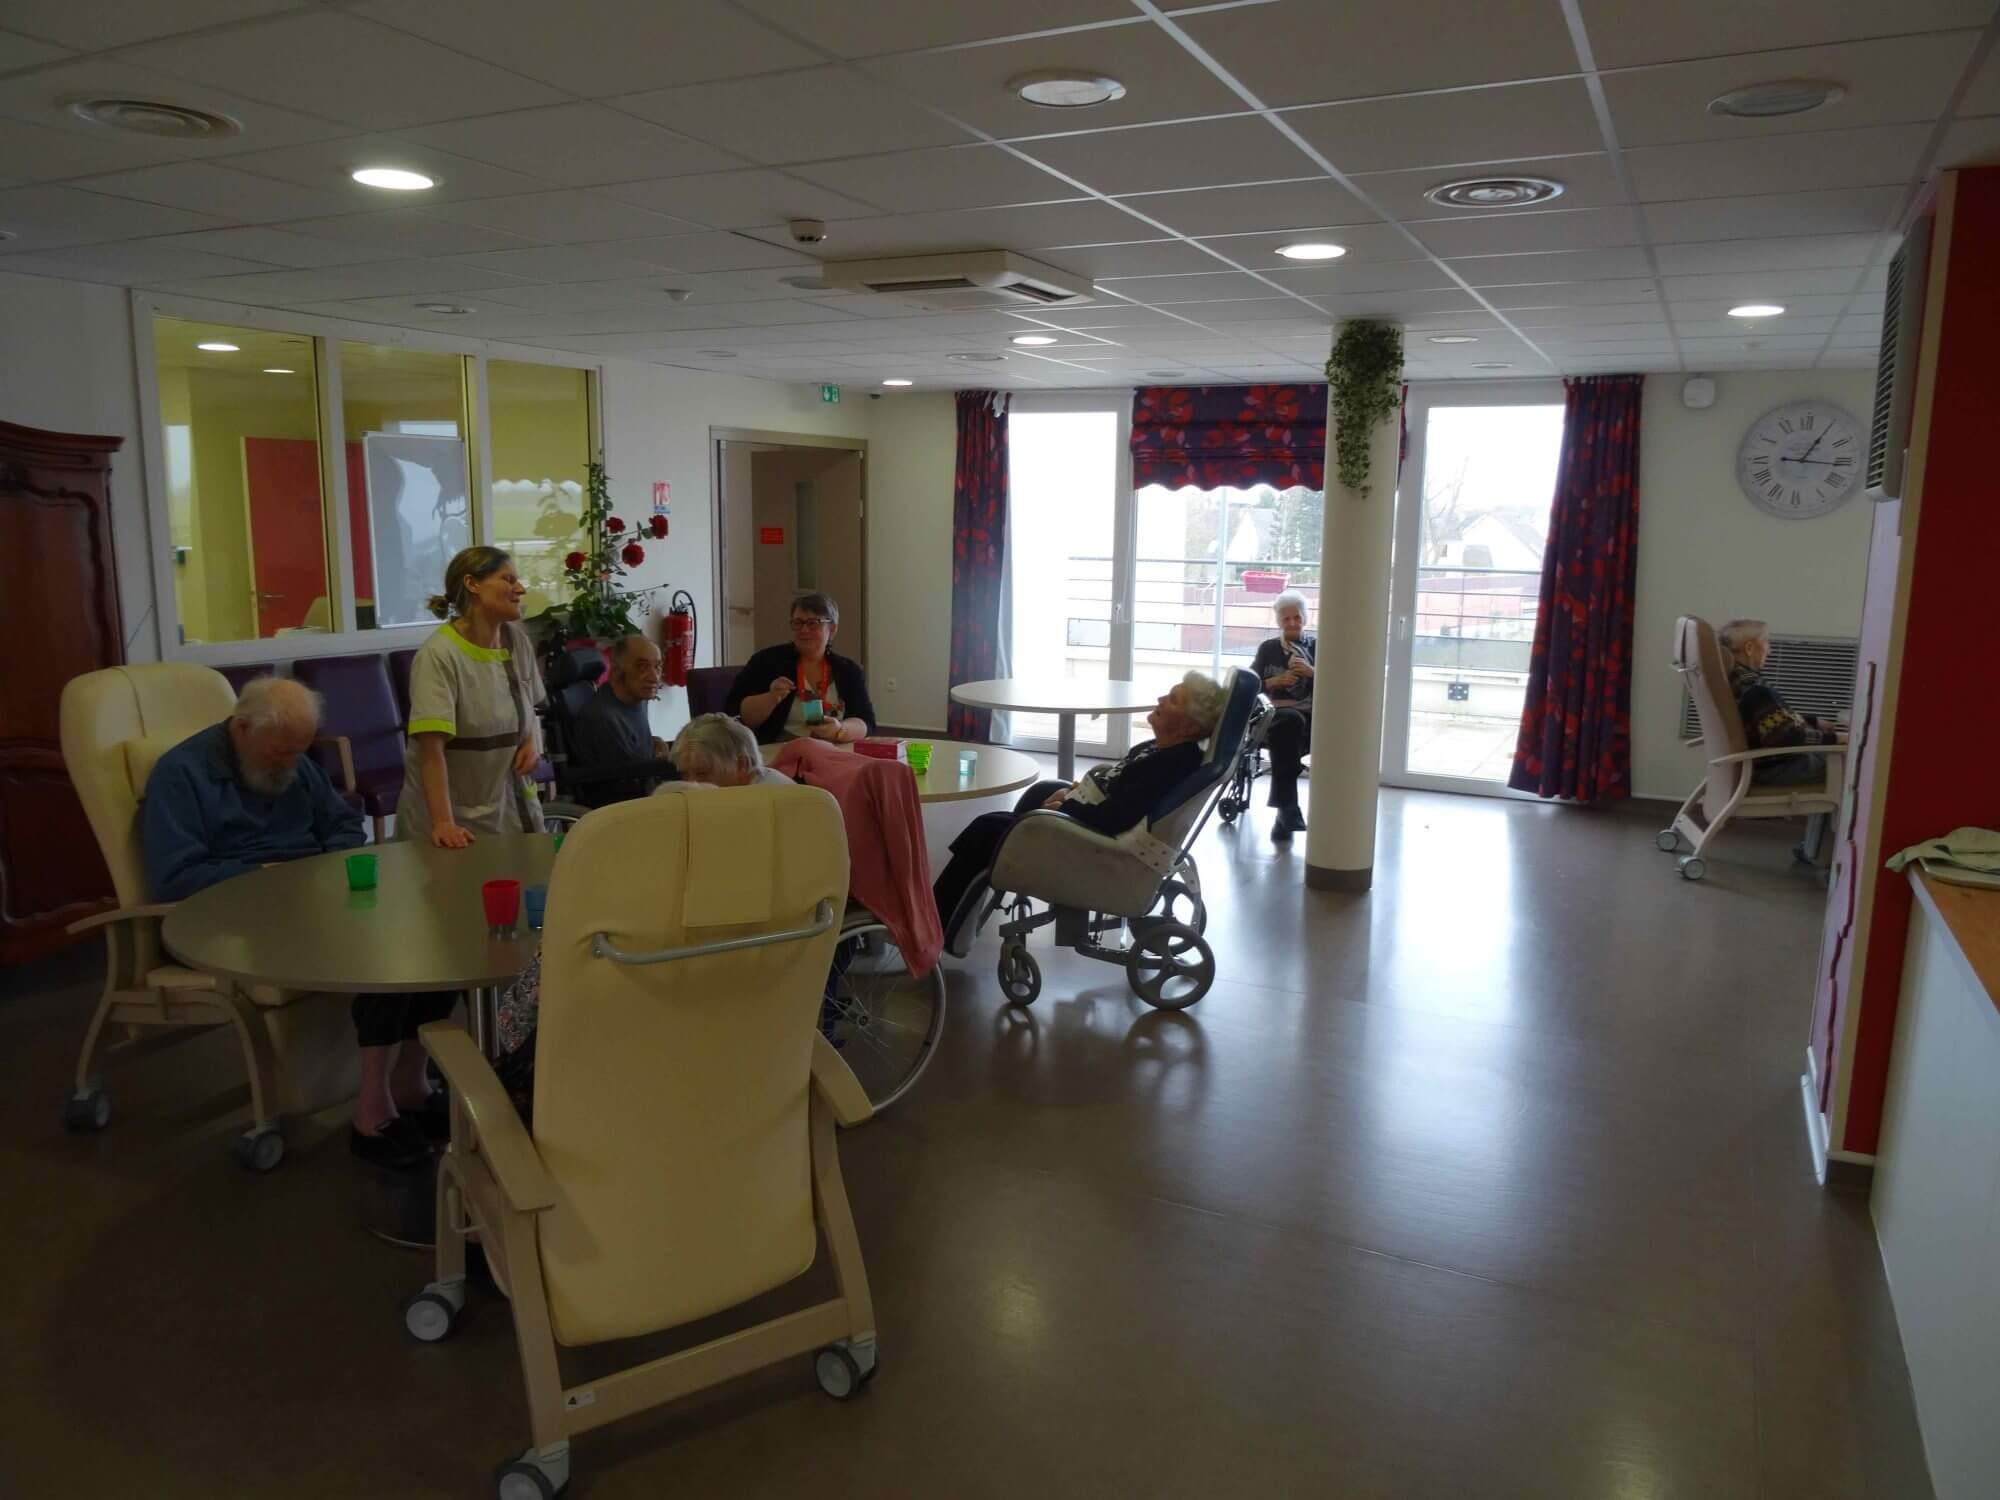 Unite-de-soins-attentifs-residence-ehpad-les-lilas-marck-en-calaisis